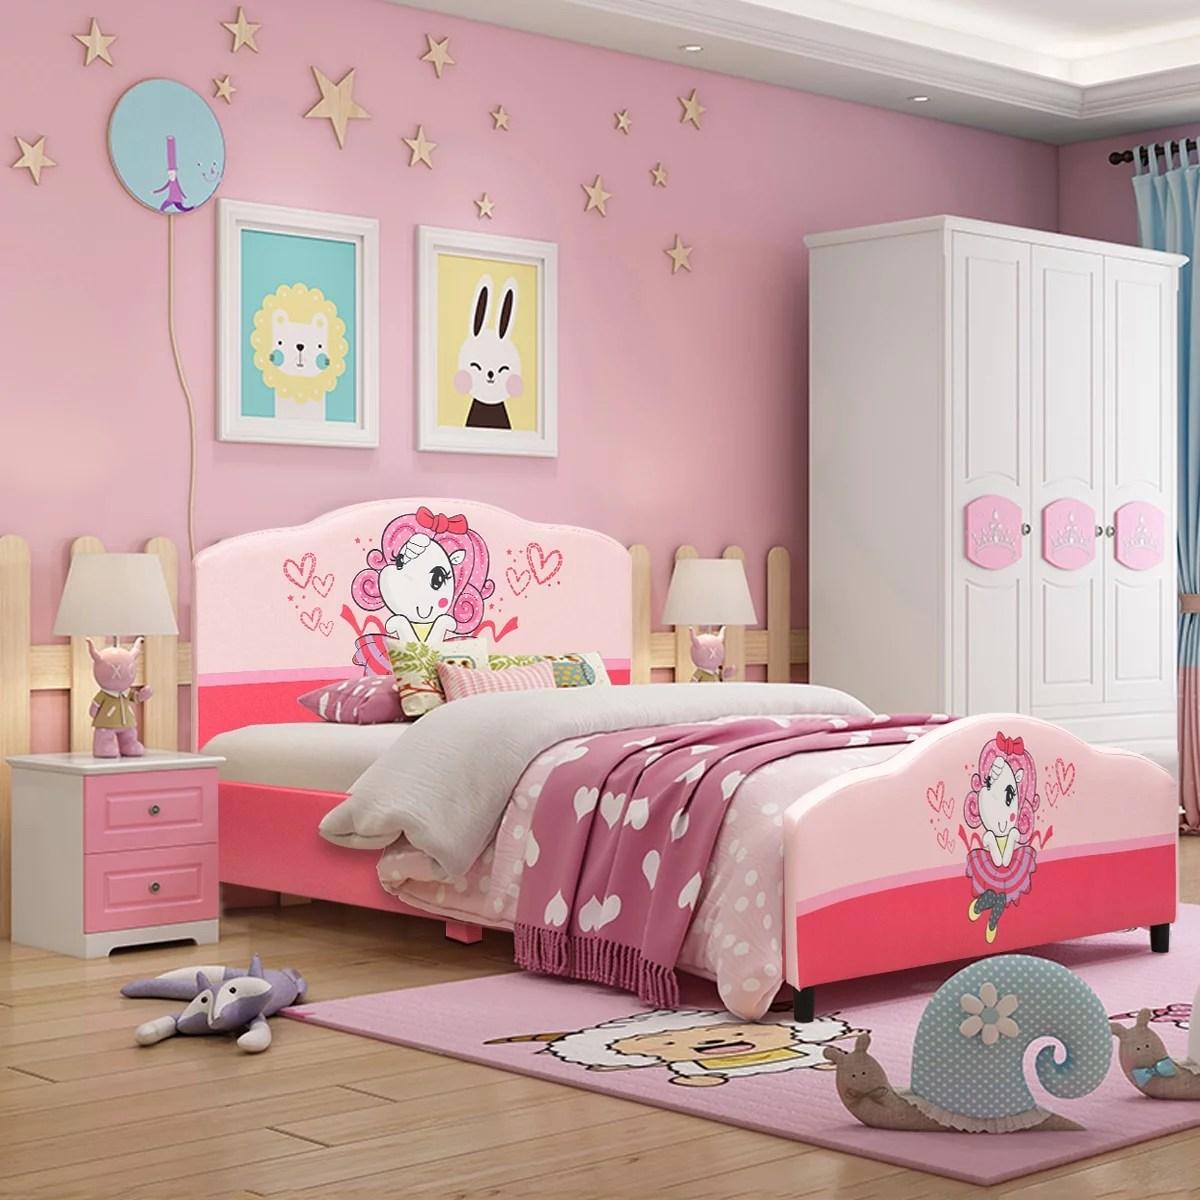 costway children upholstered platform toddler bed Cheap Childrens Bedroom Furniture Sets id=36111